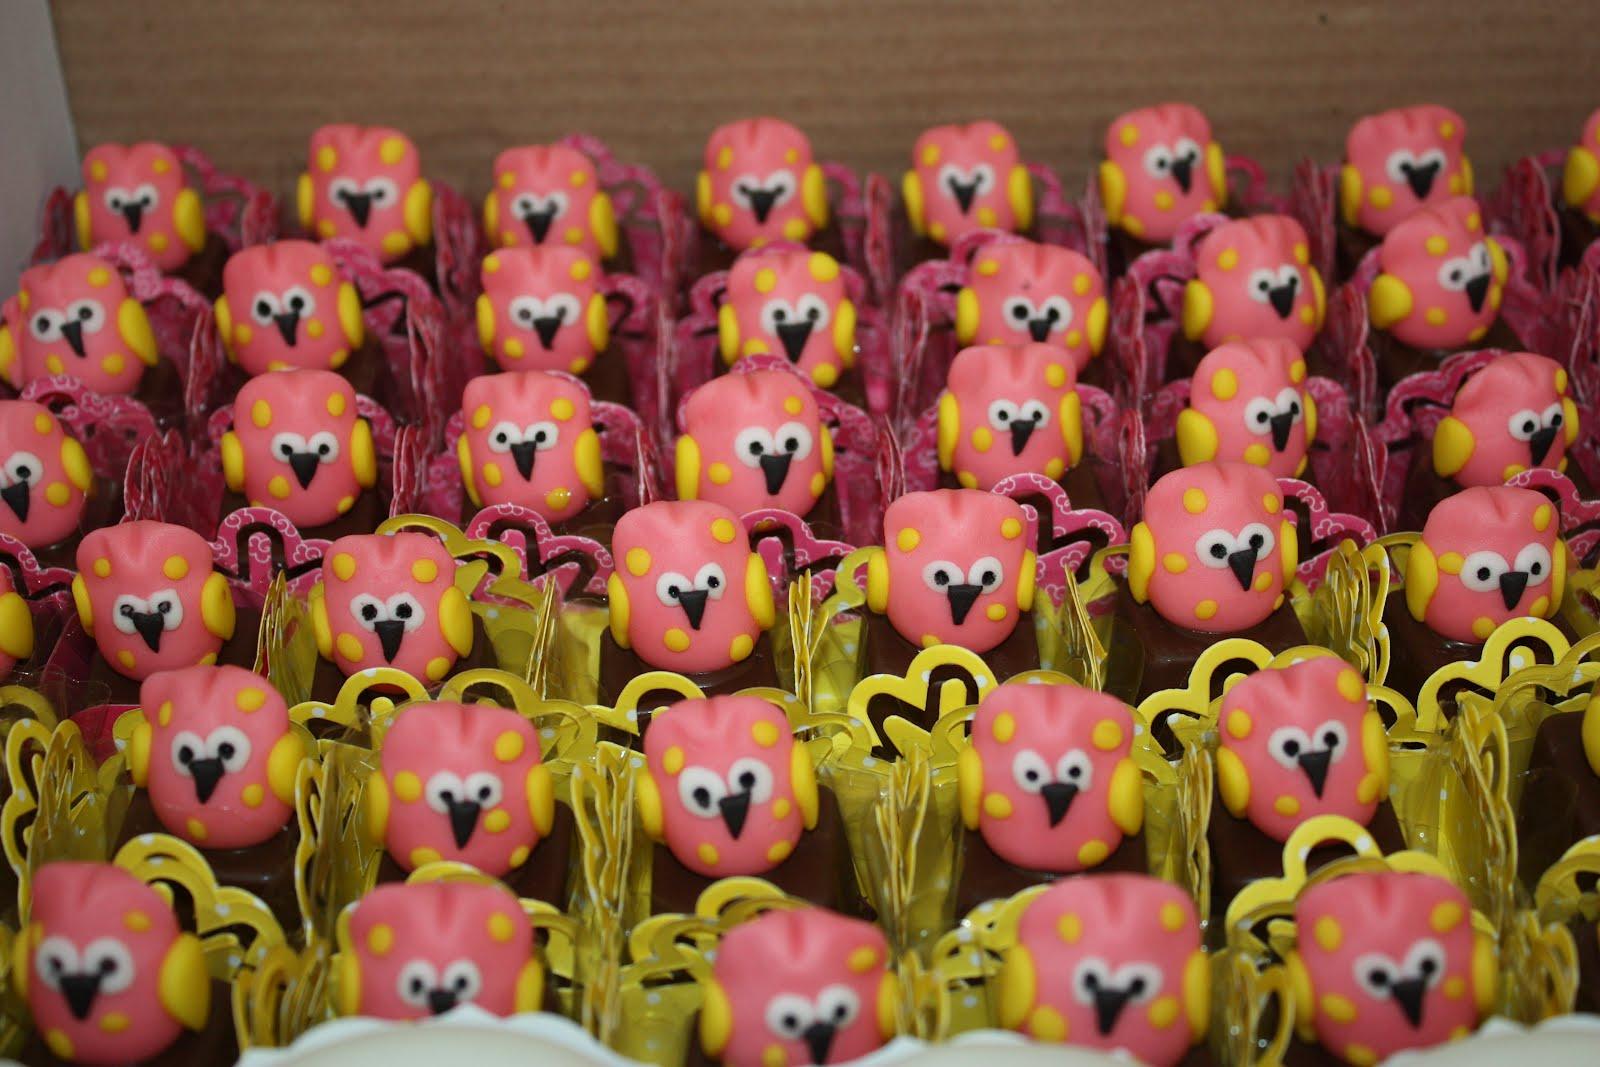 Michelle Lecce Bolos Doces e Chocolates: Bolo bombons docinhos de  #A67725 1600 1067